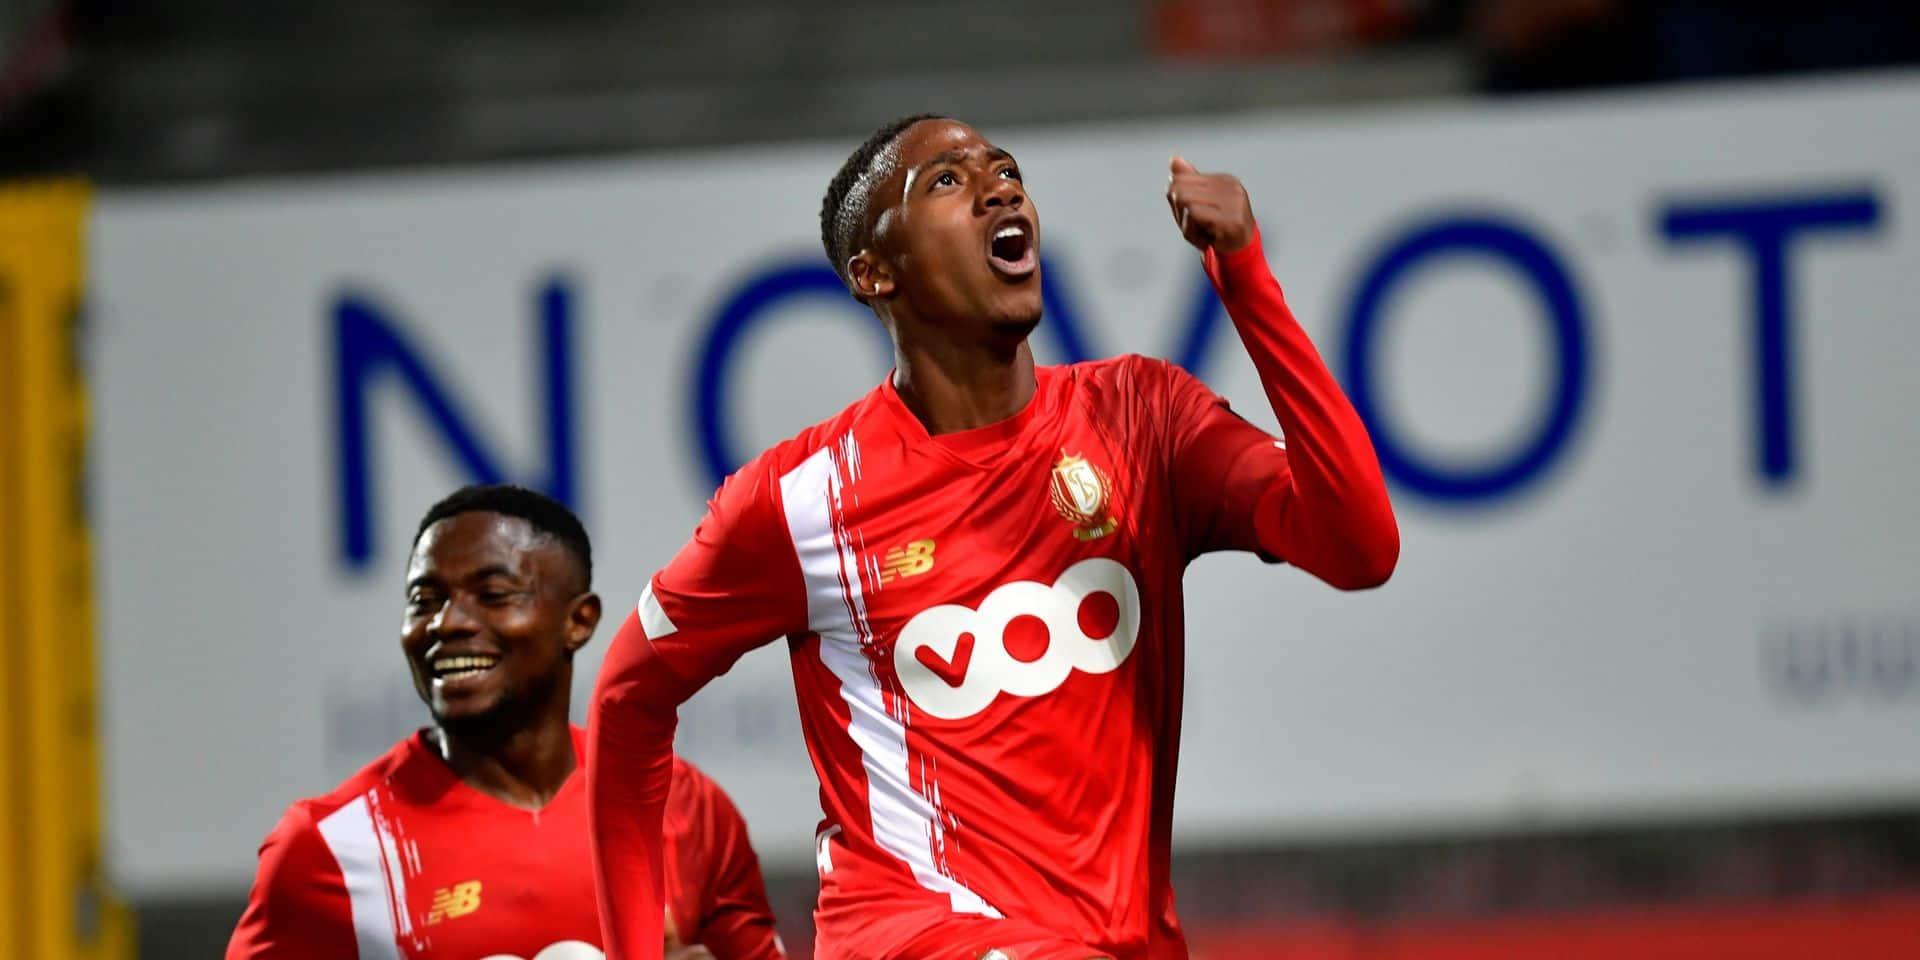 Le Standard s'impose face à Charleroi dans une fin de rencontre folle ! (1-2)